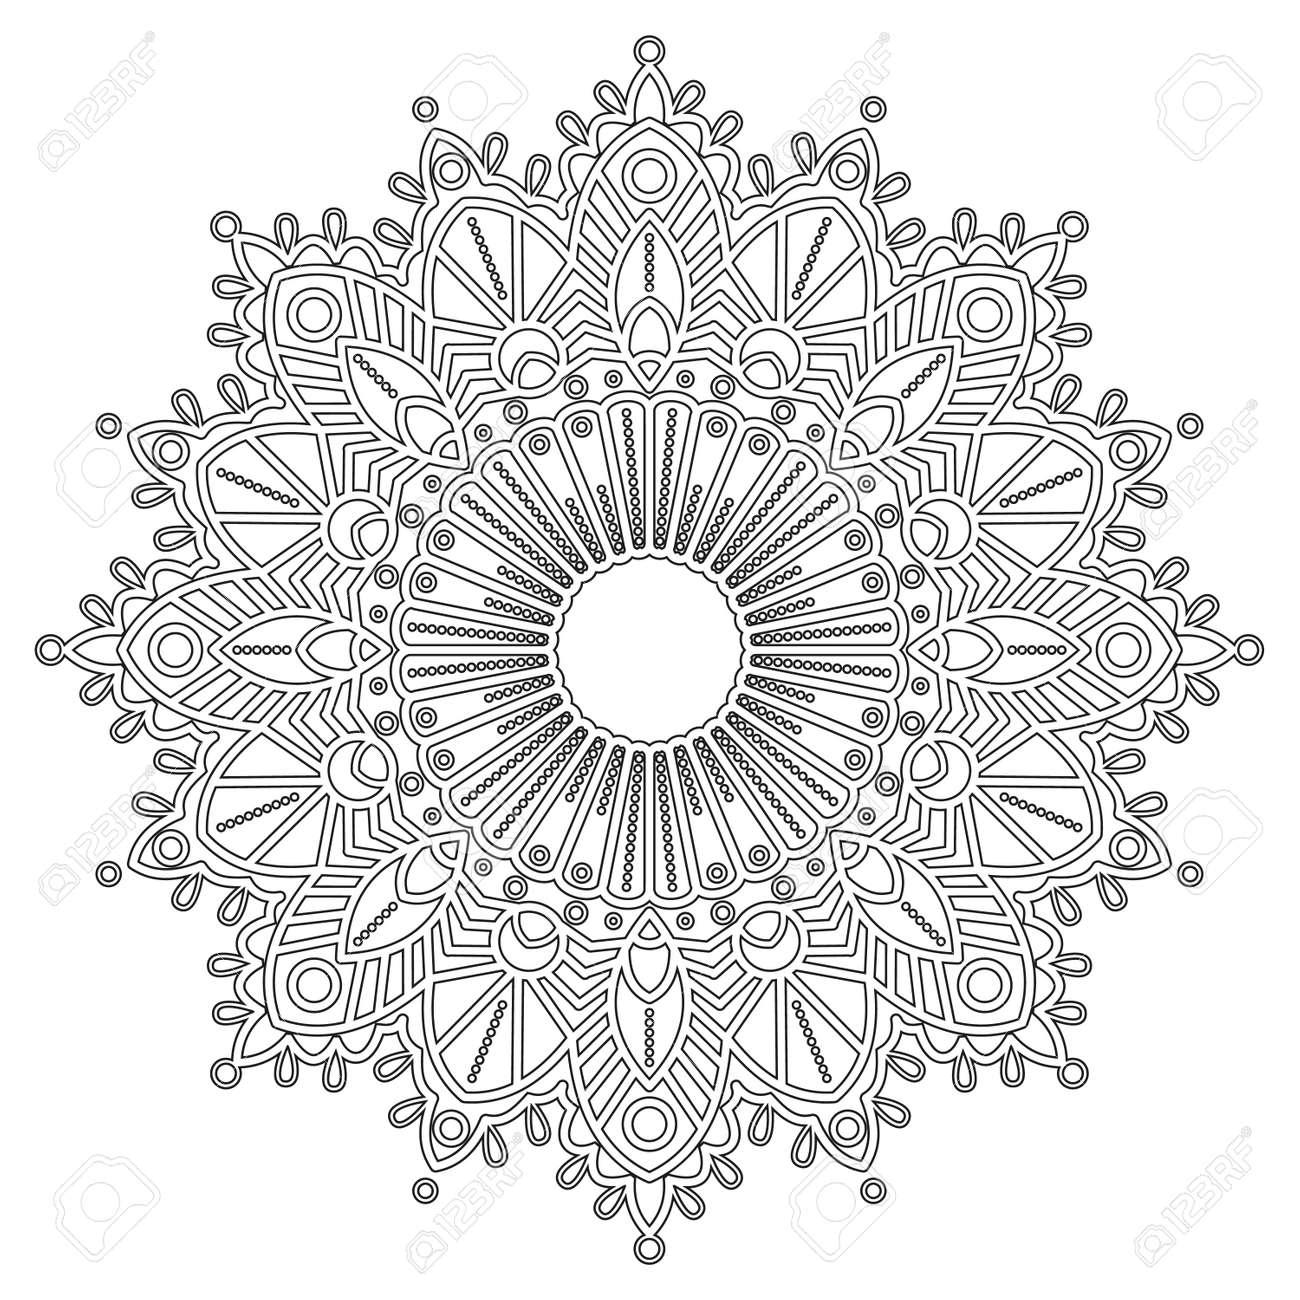 Vettoriale Pagina Da Colorare Con Mandala Elementi Decorativi